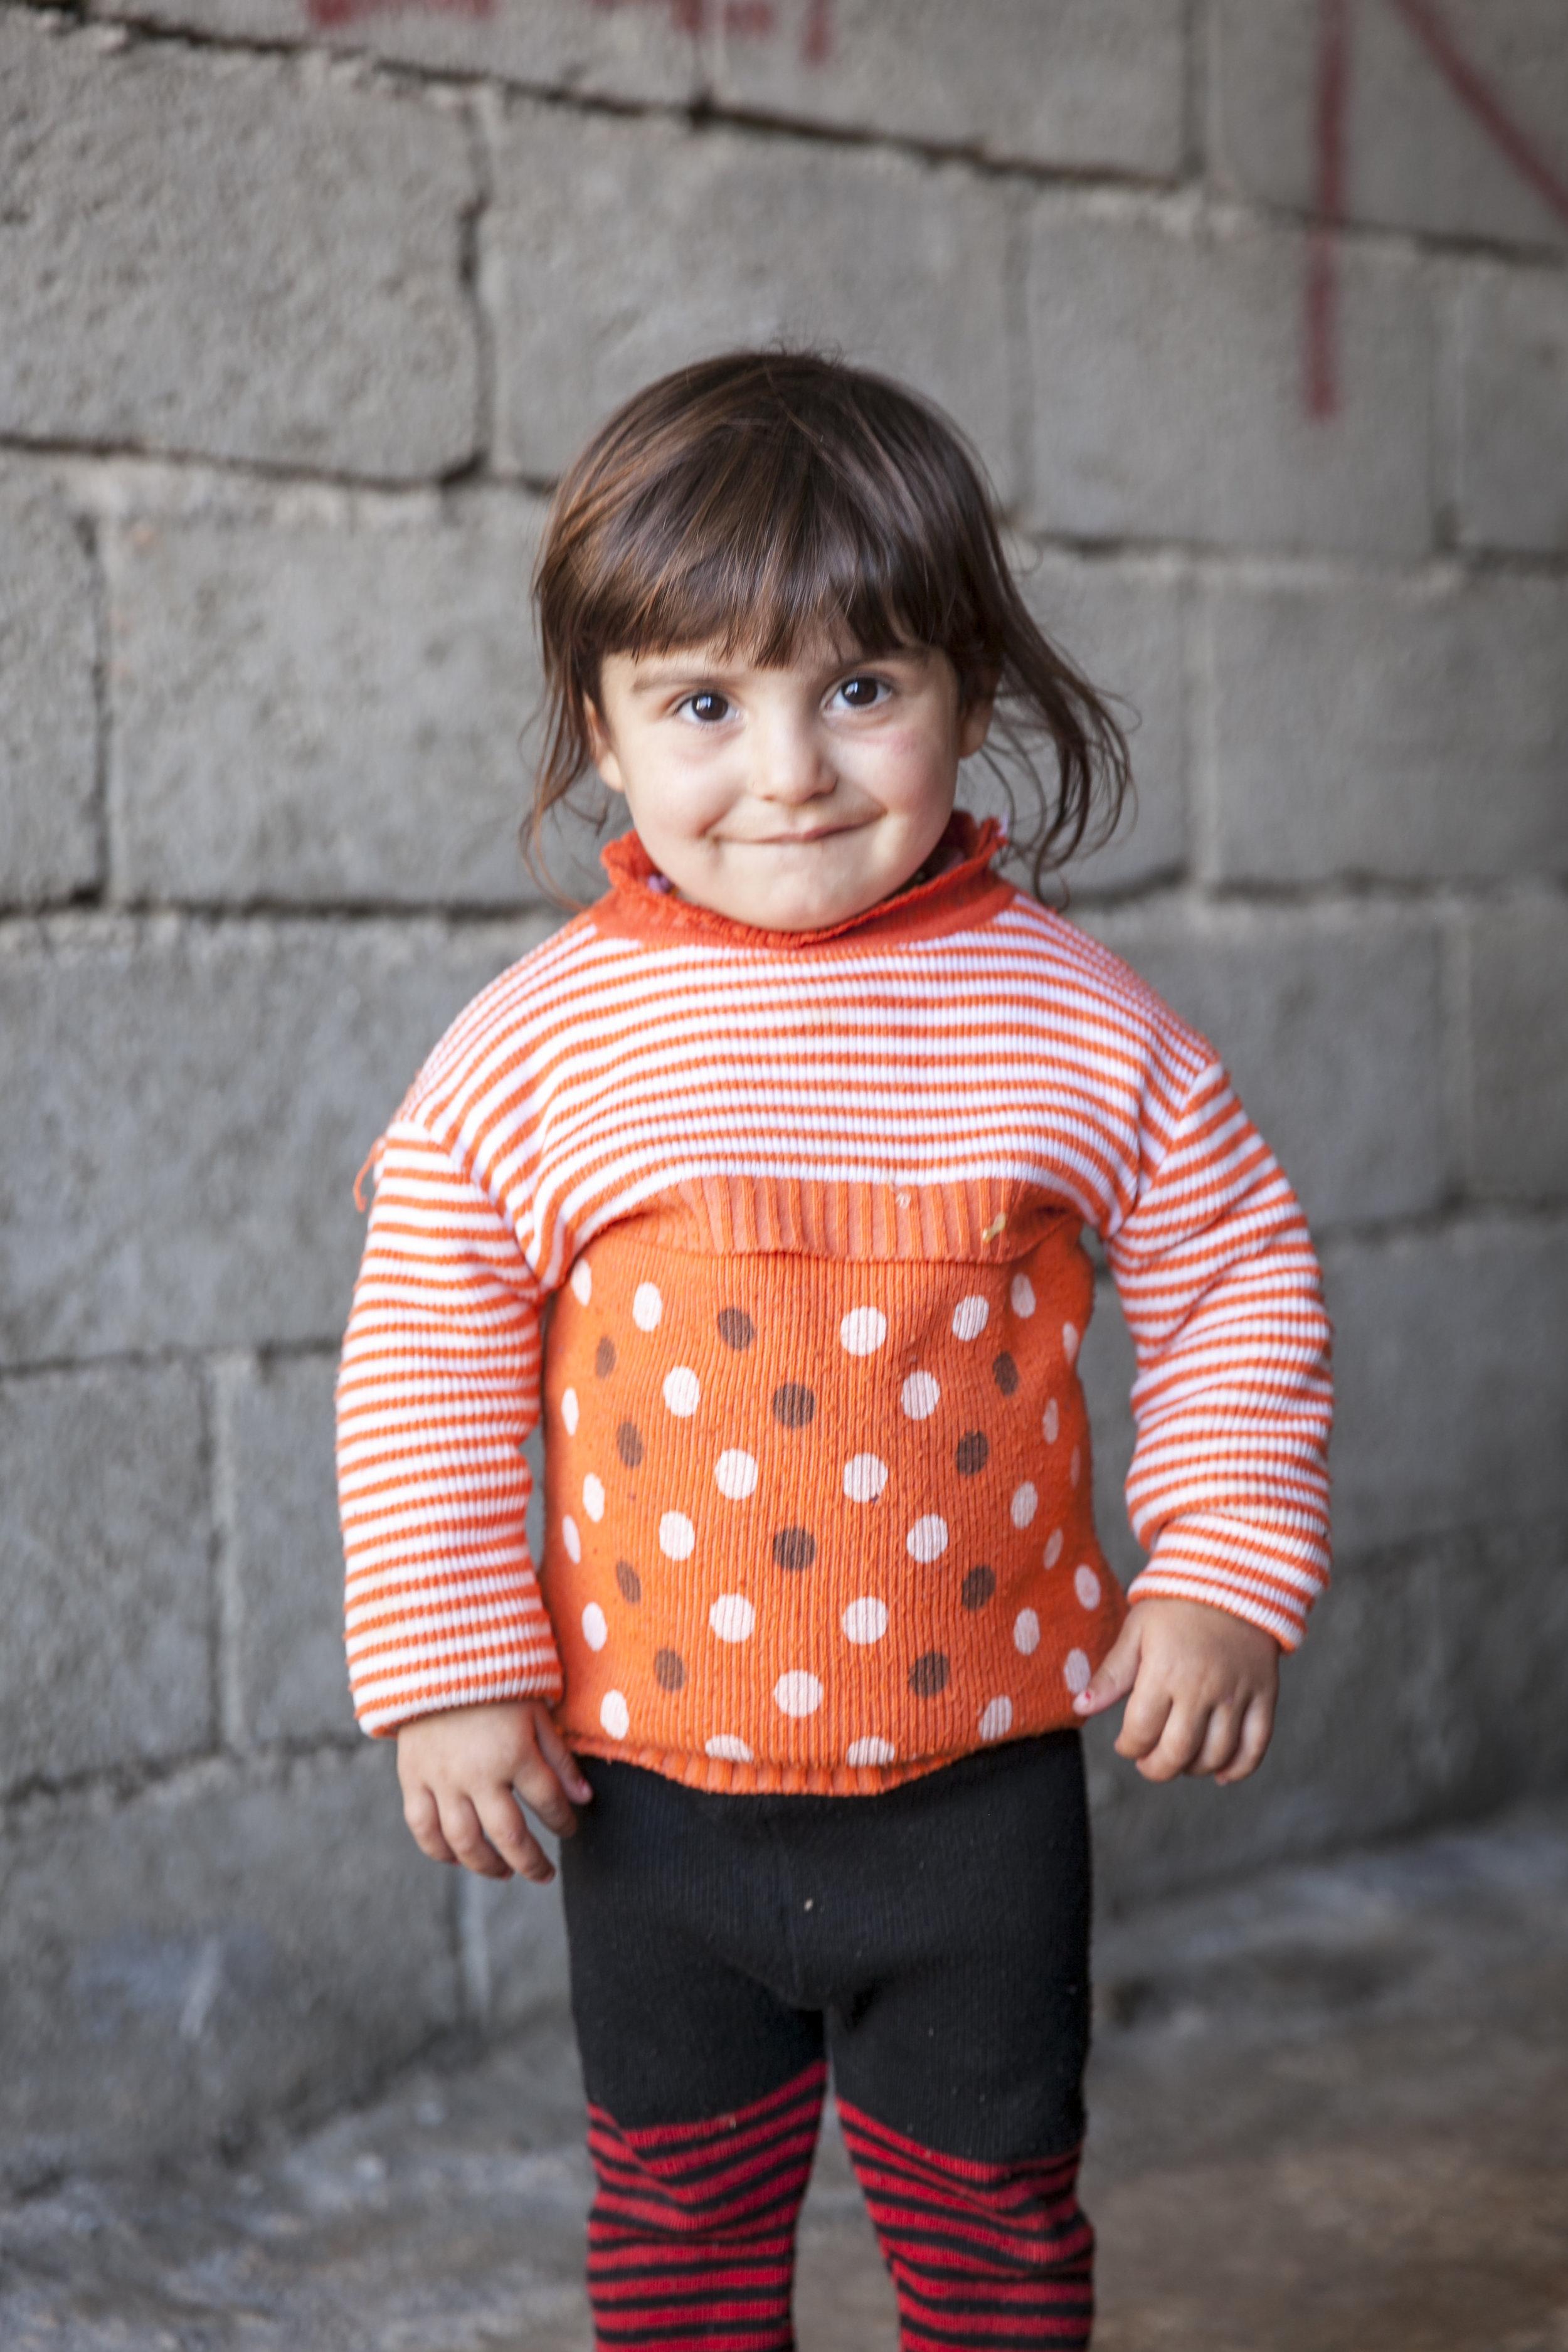 20141205_Refugee_GH_0317.jpg